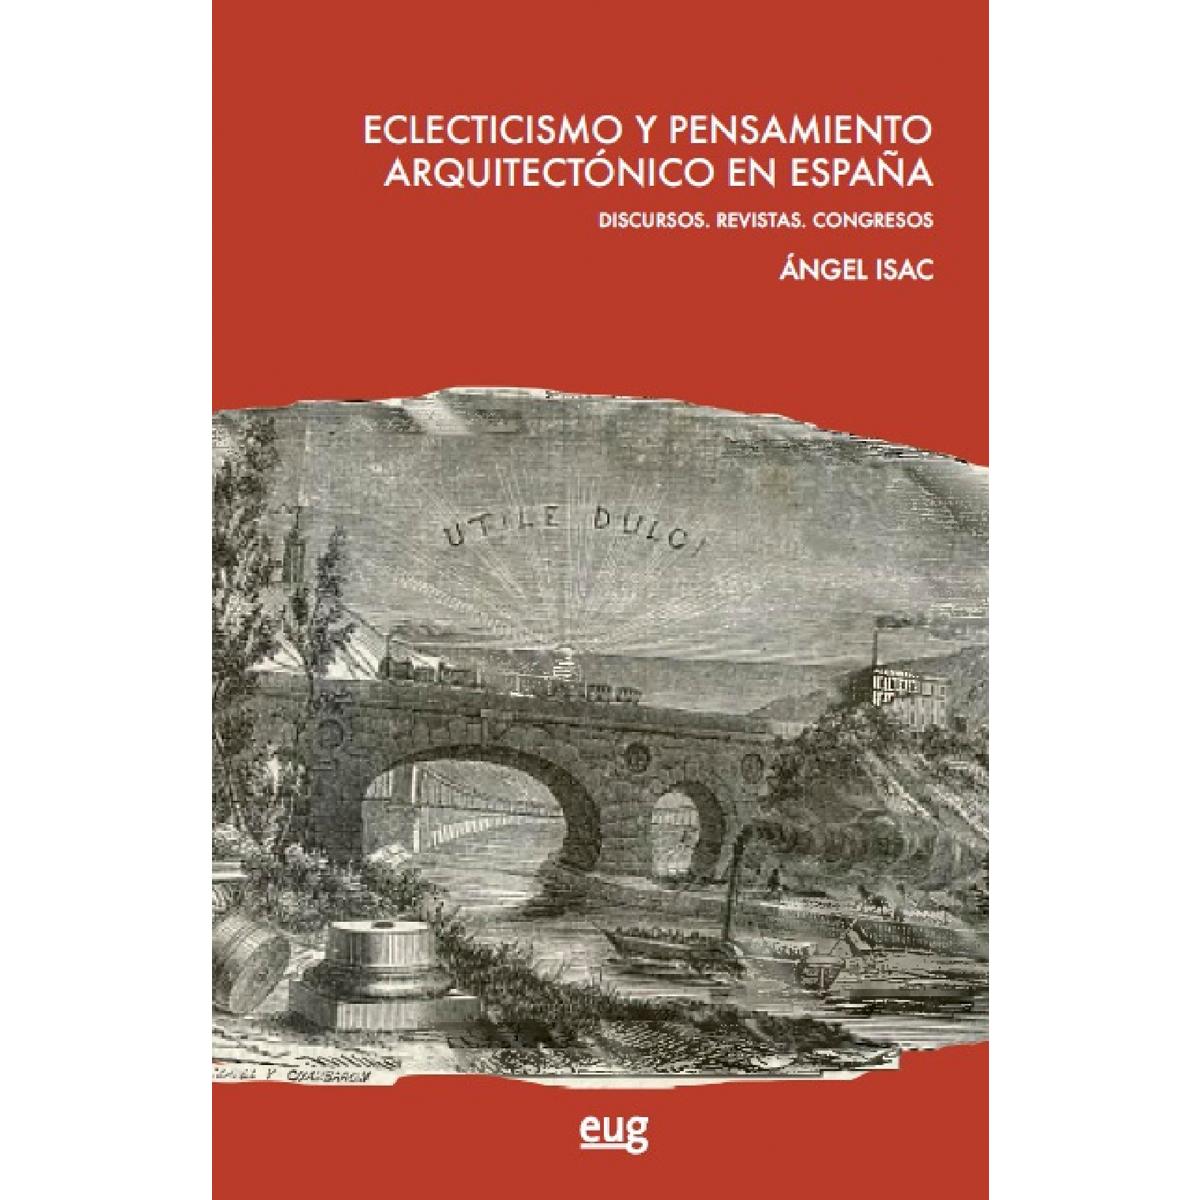 Eclecticismo y pensamiento arquitectónico en España